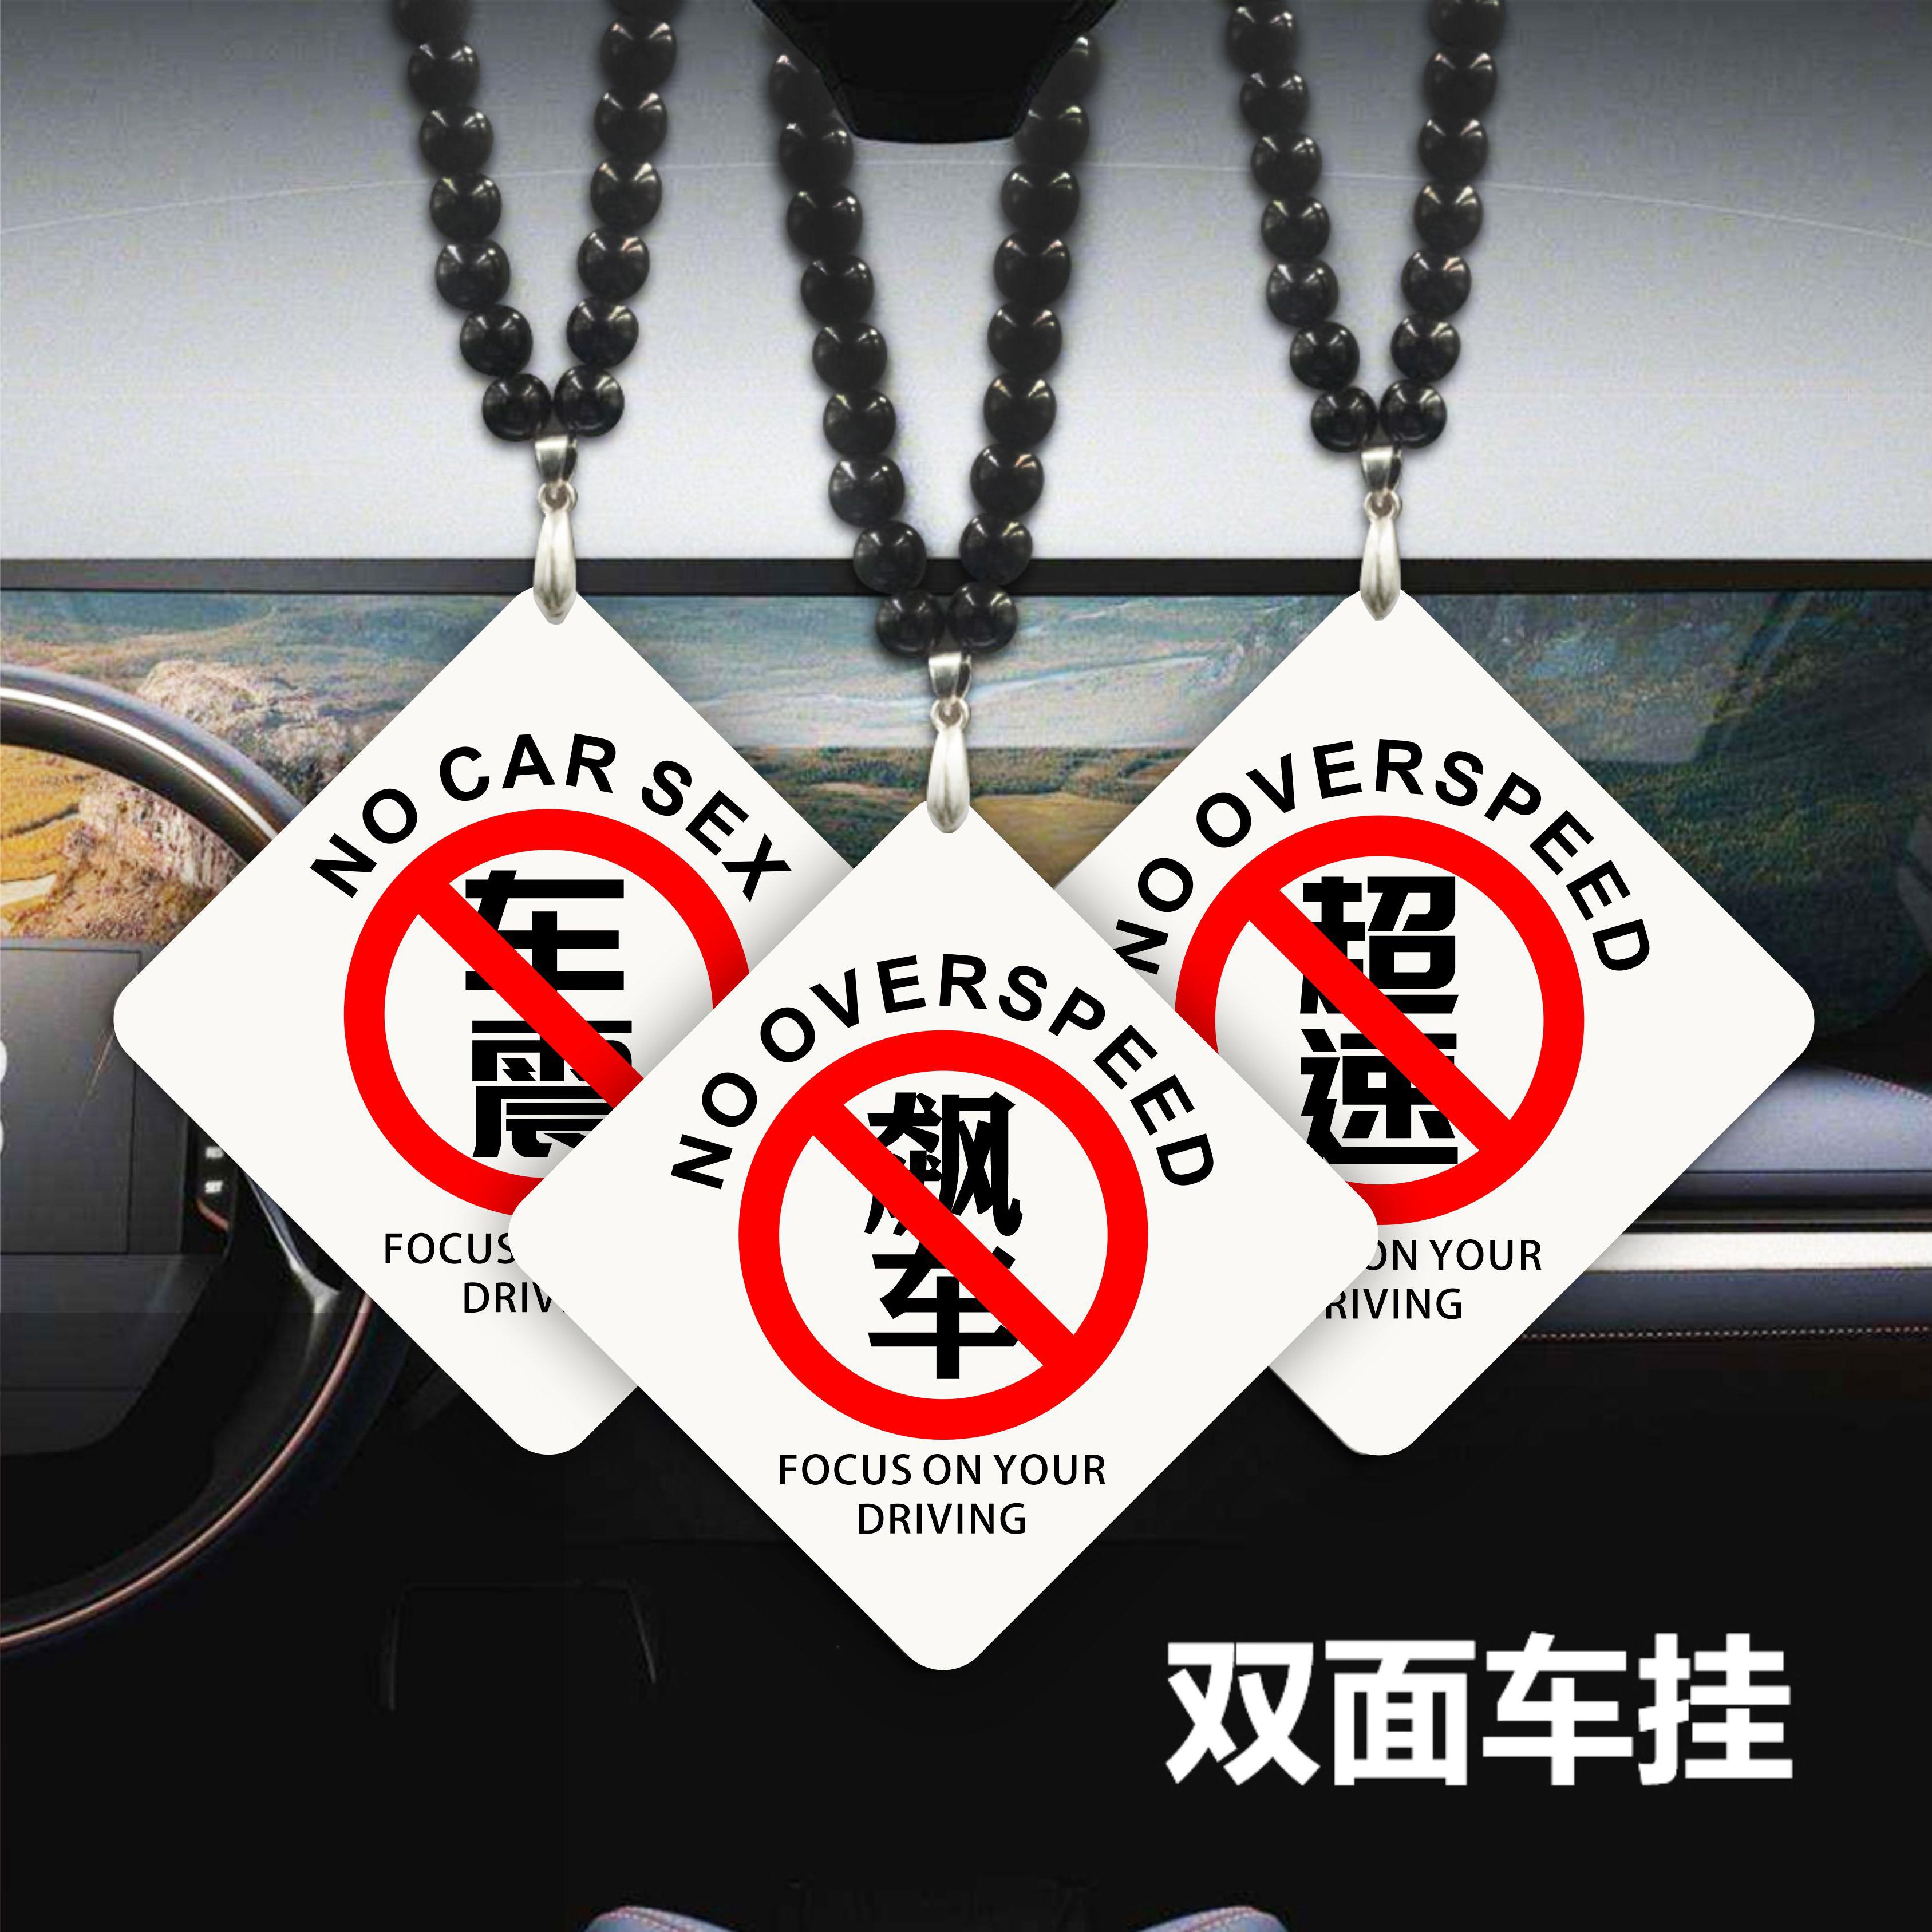 汽车个性创意潮流后视镜挂件禁止超速飙车喝酒吸烟挂饰车载HF吊坠